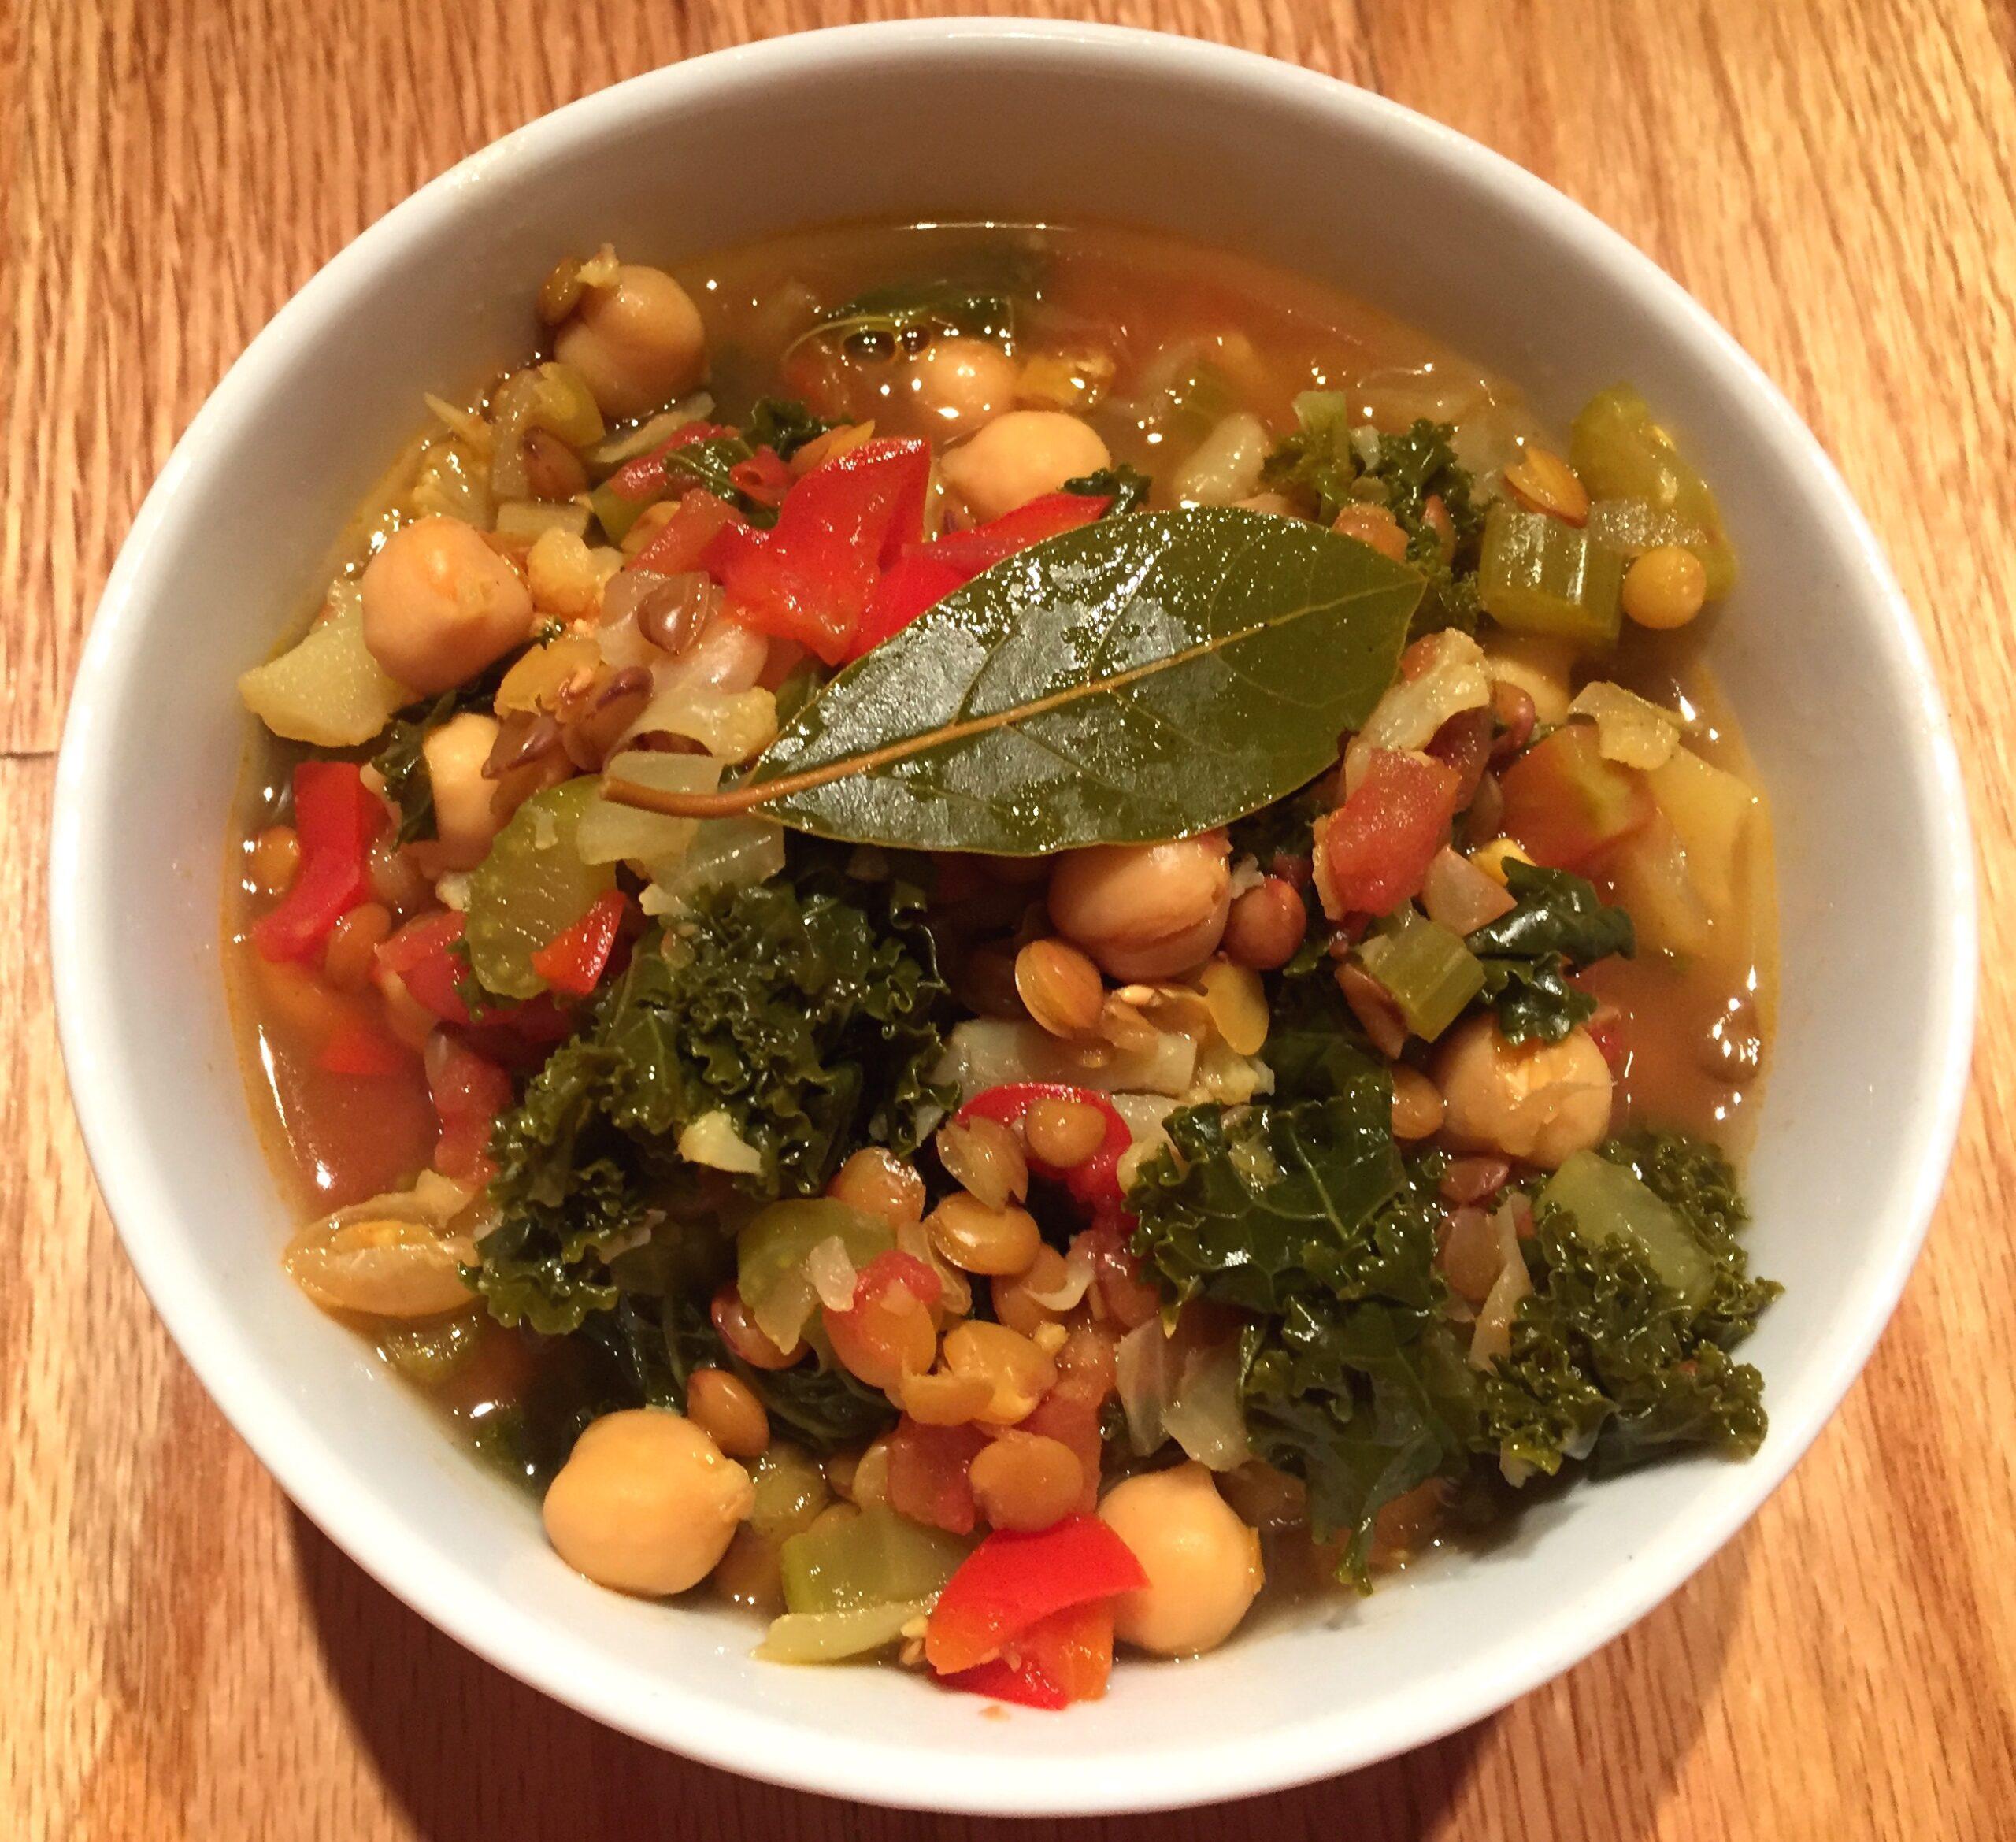 a bowl of vegan lentil soup